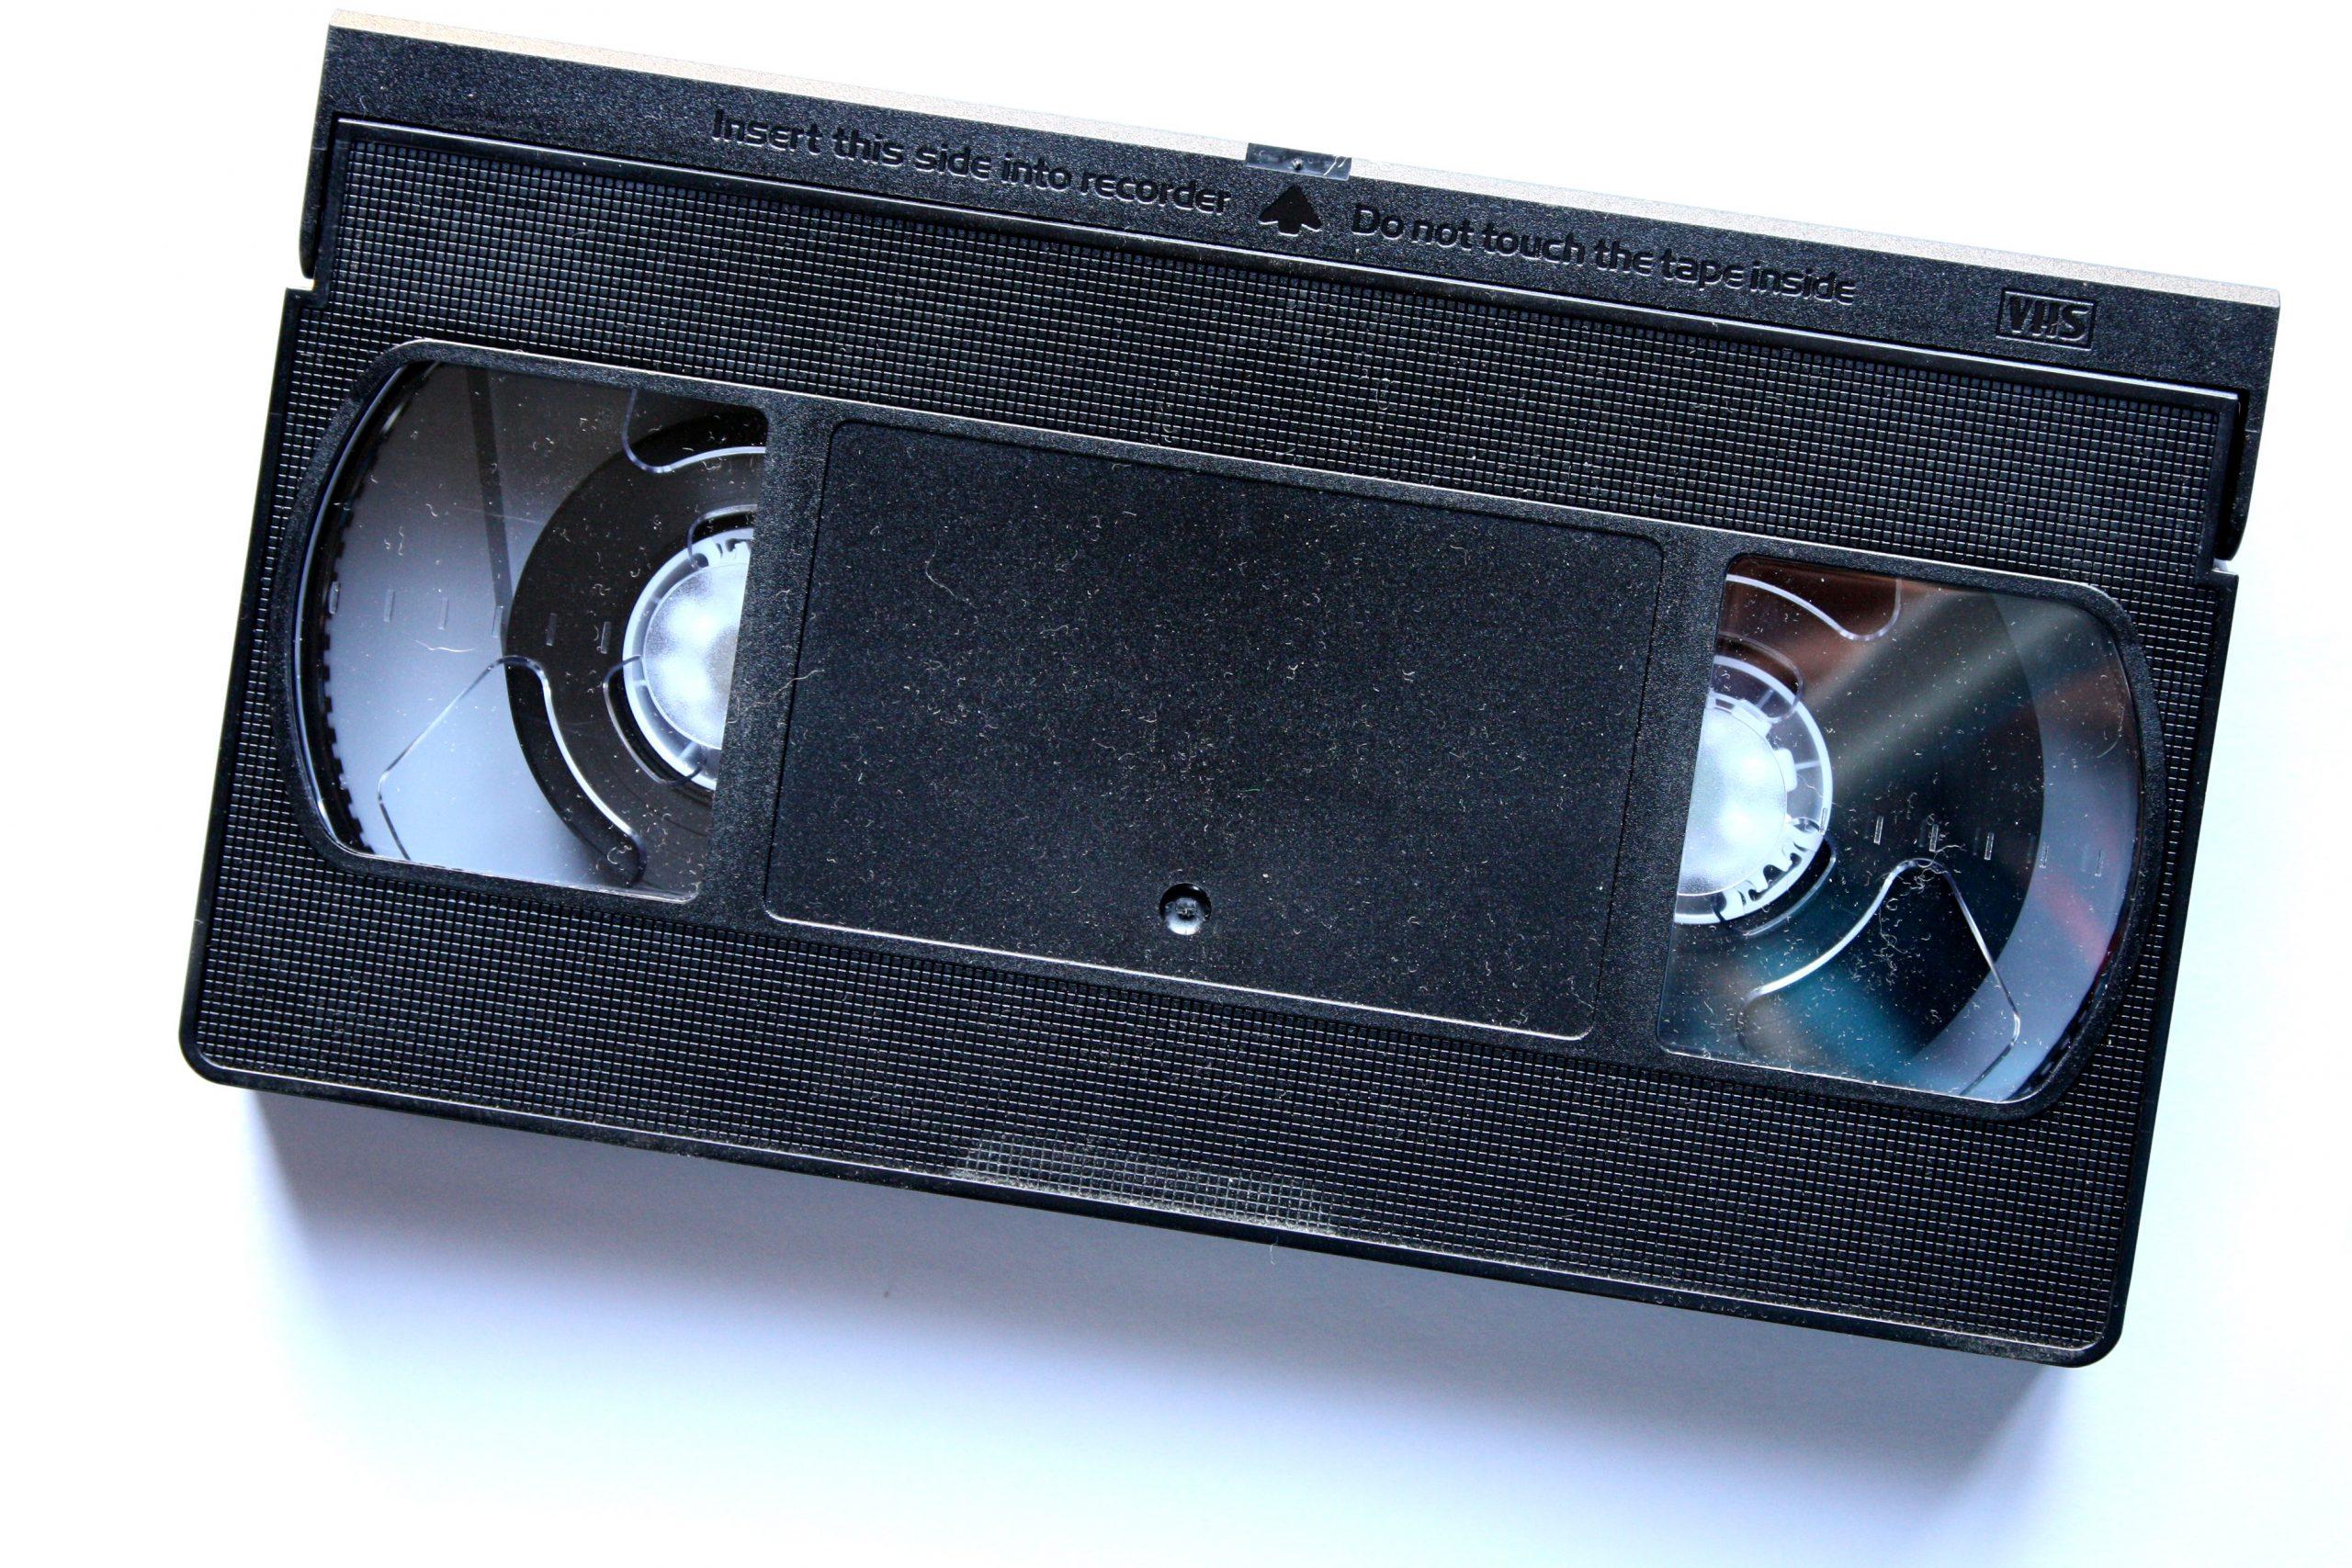 Người phụ nữ Texas bị buộc tội tham ô trong 2 thập niên vì không trả lại cuốn băng VHS cho cửa hàng đã đóng cửa